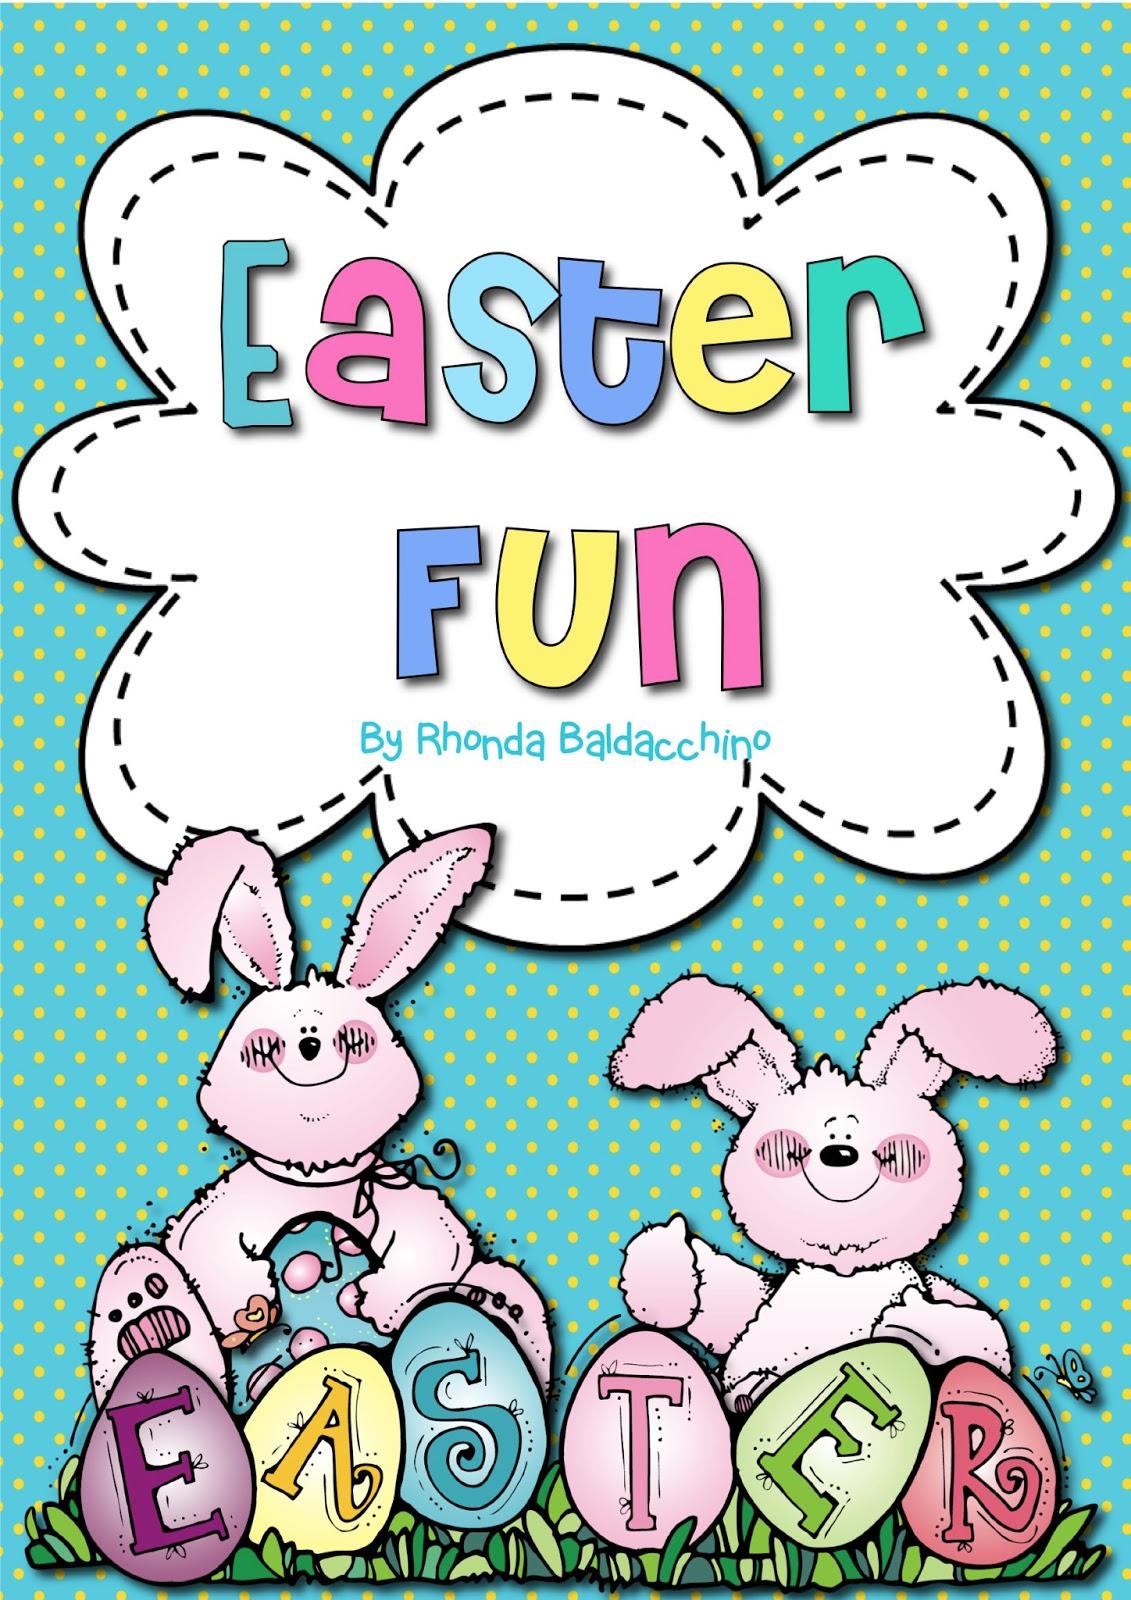 Classroom Fun Easter Fun